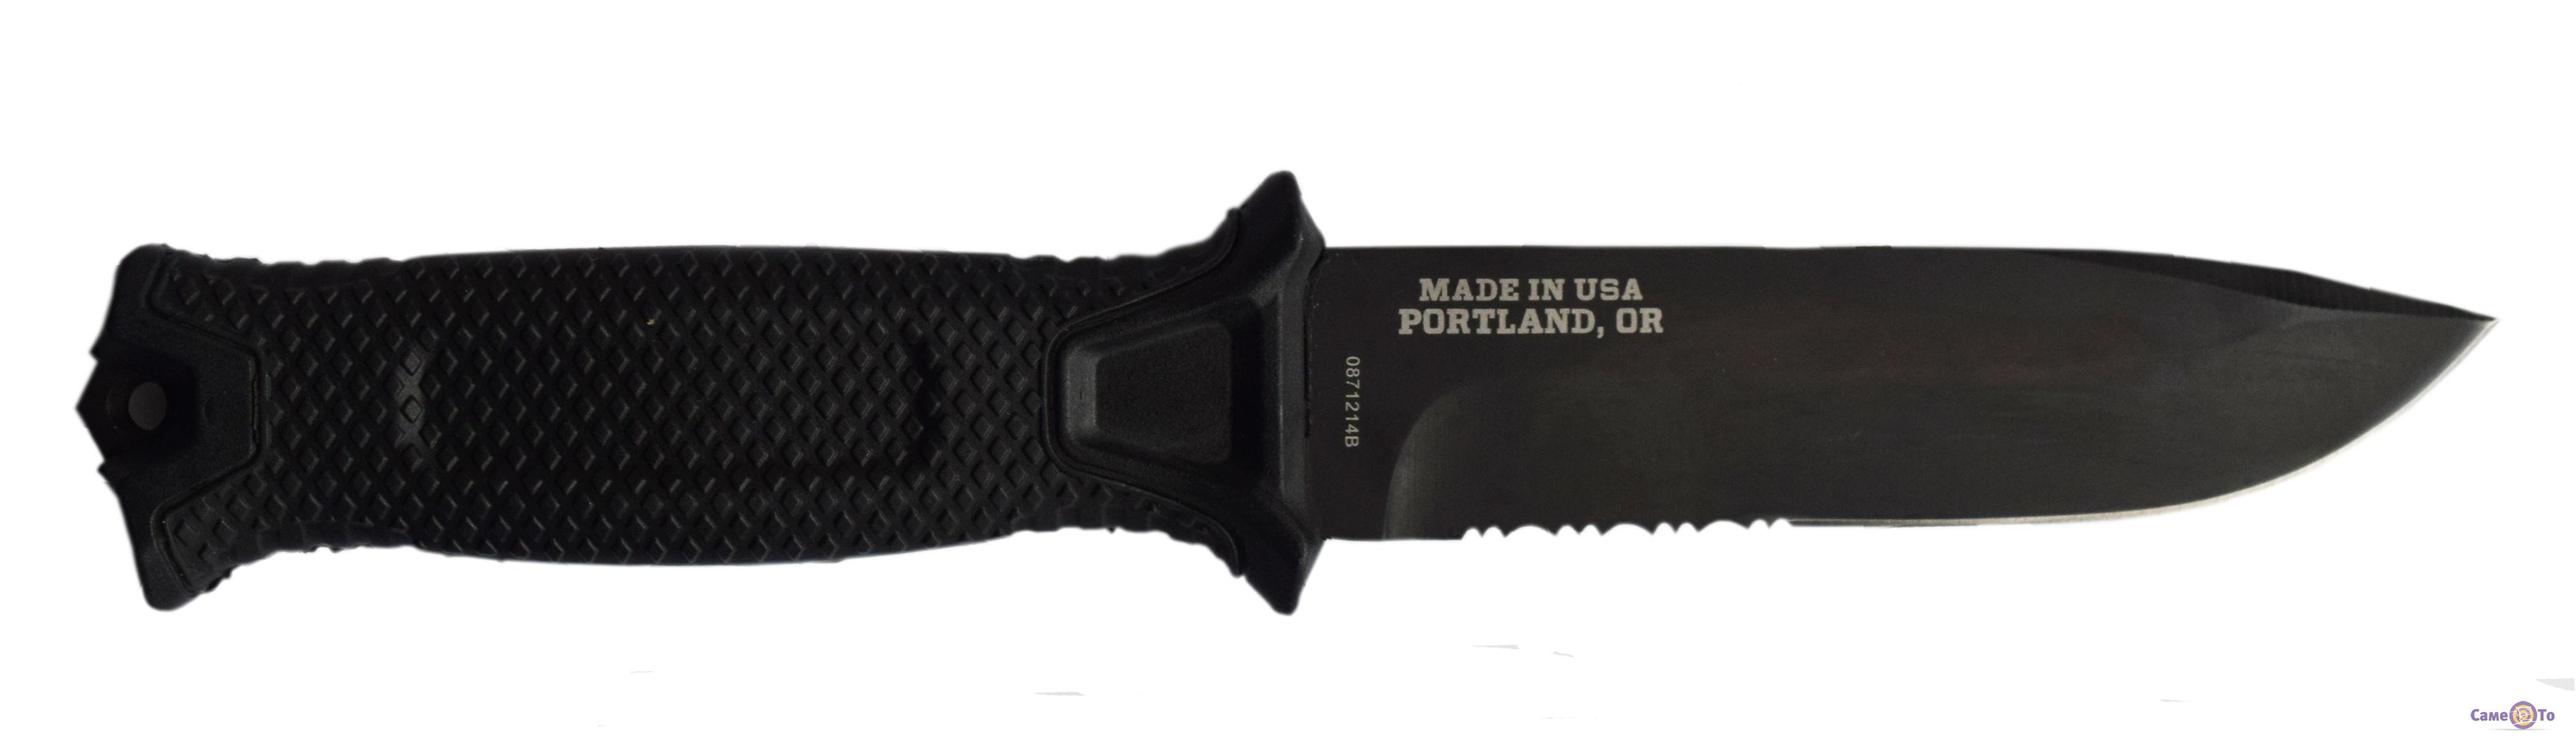 Нож туристический Gerber - нож для выживания, с чехлом